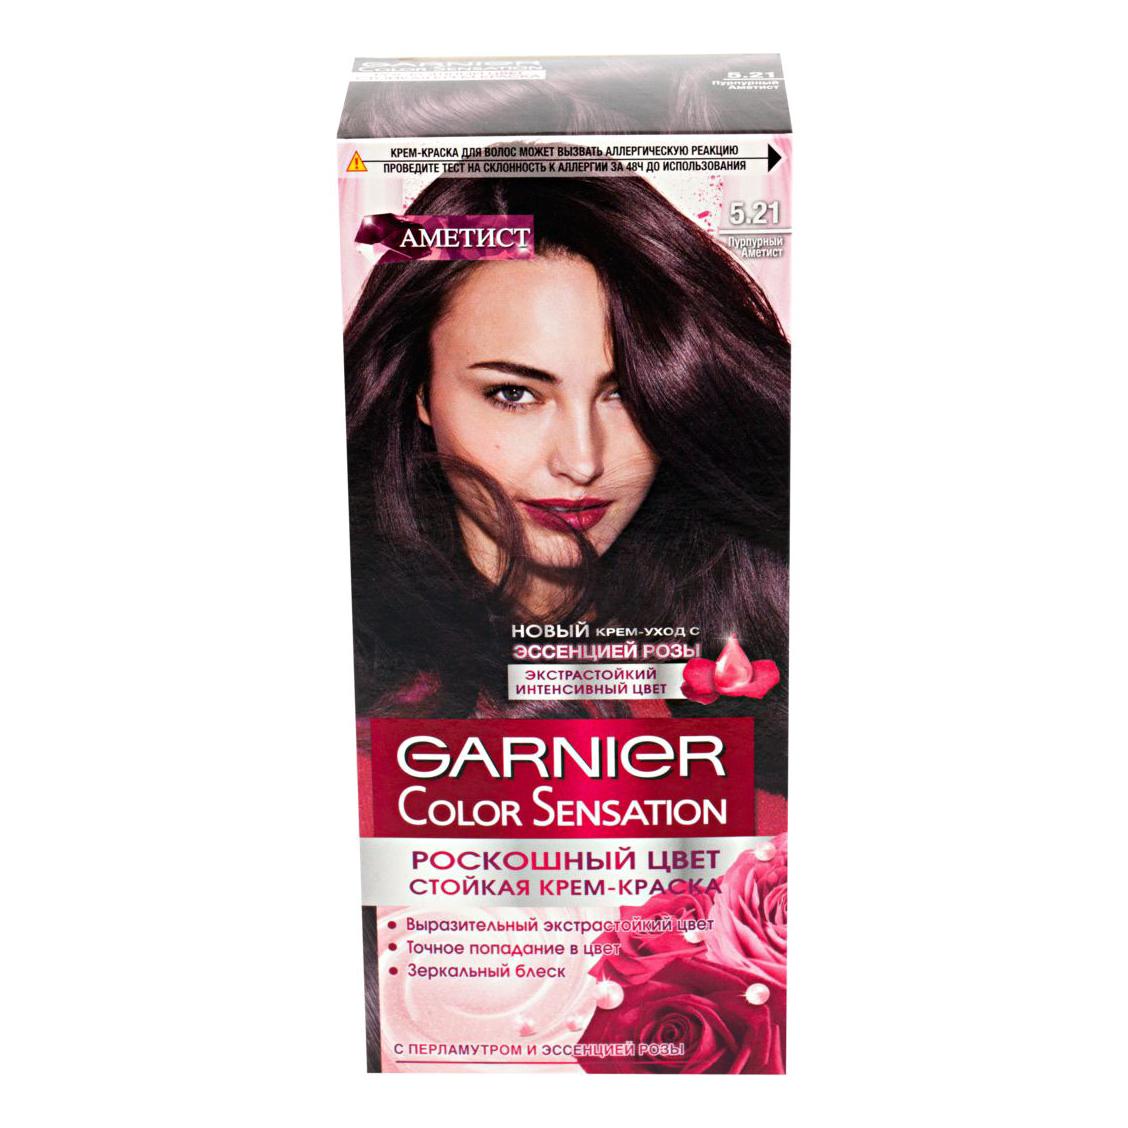 Фото - Стойкая крем-краска Garnier Color Sensation 5.21 Пурпурный Аметист (C6207700) garnier color sensation стойкая крем краска для волос 3 16 аметист